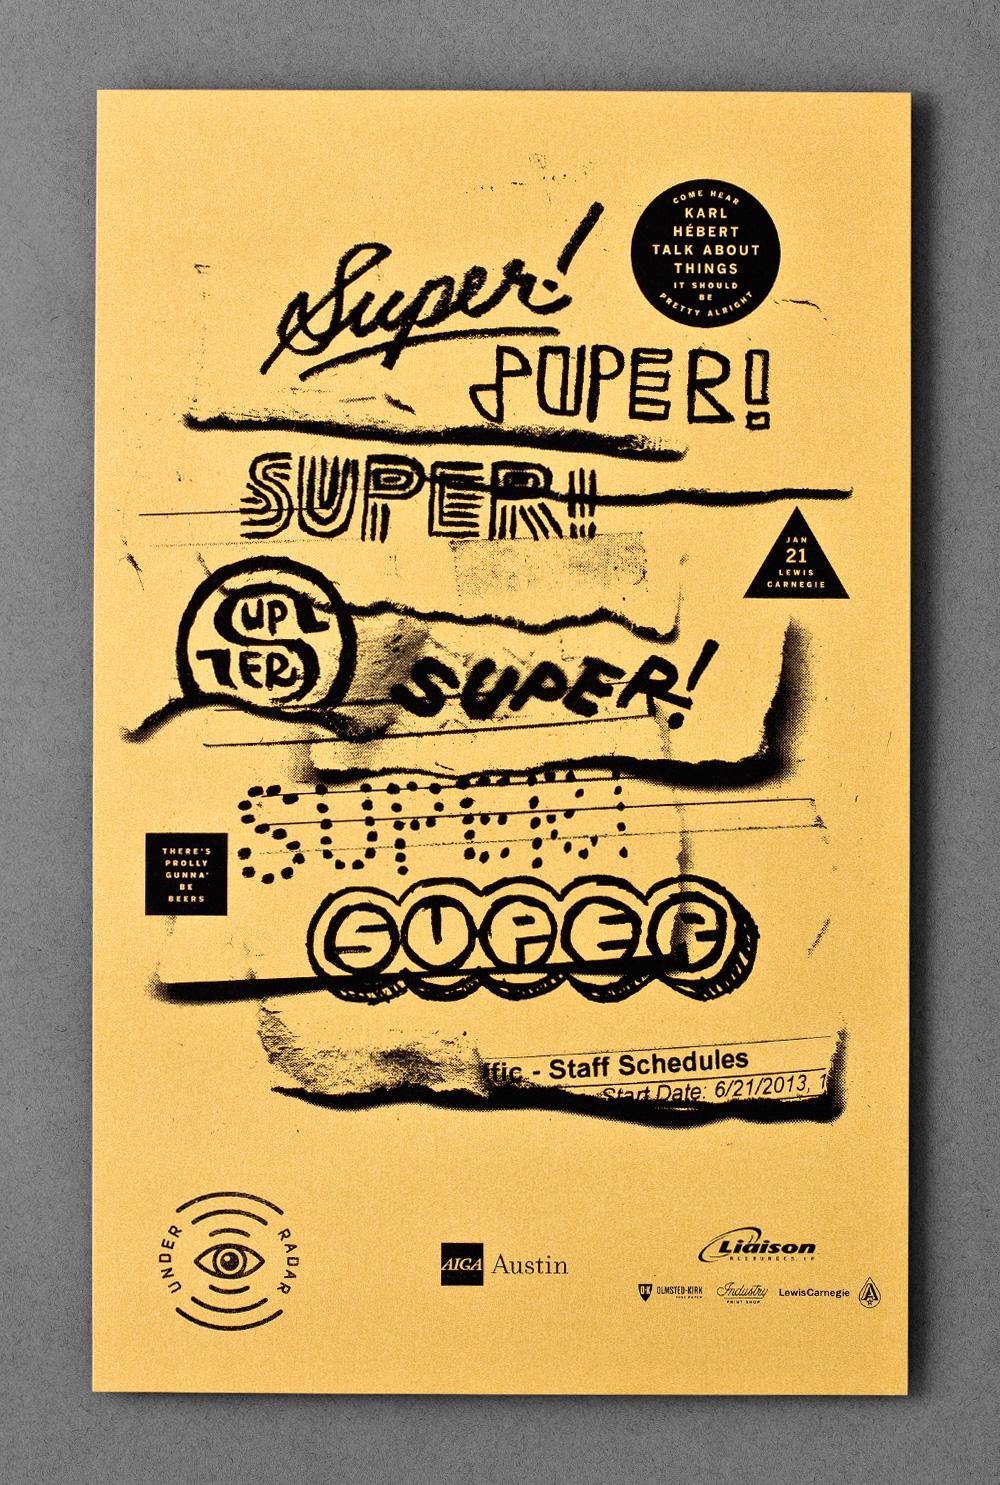 Super_Poster.jpg